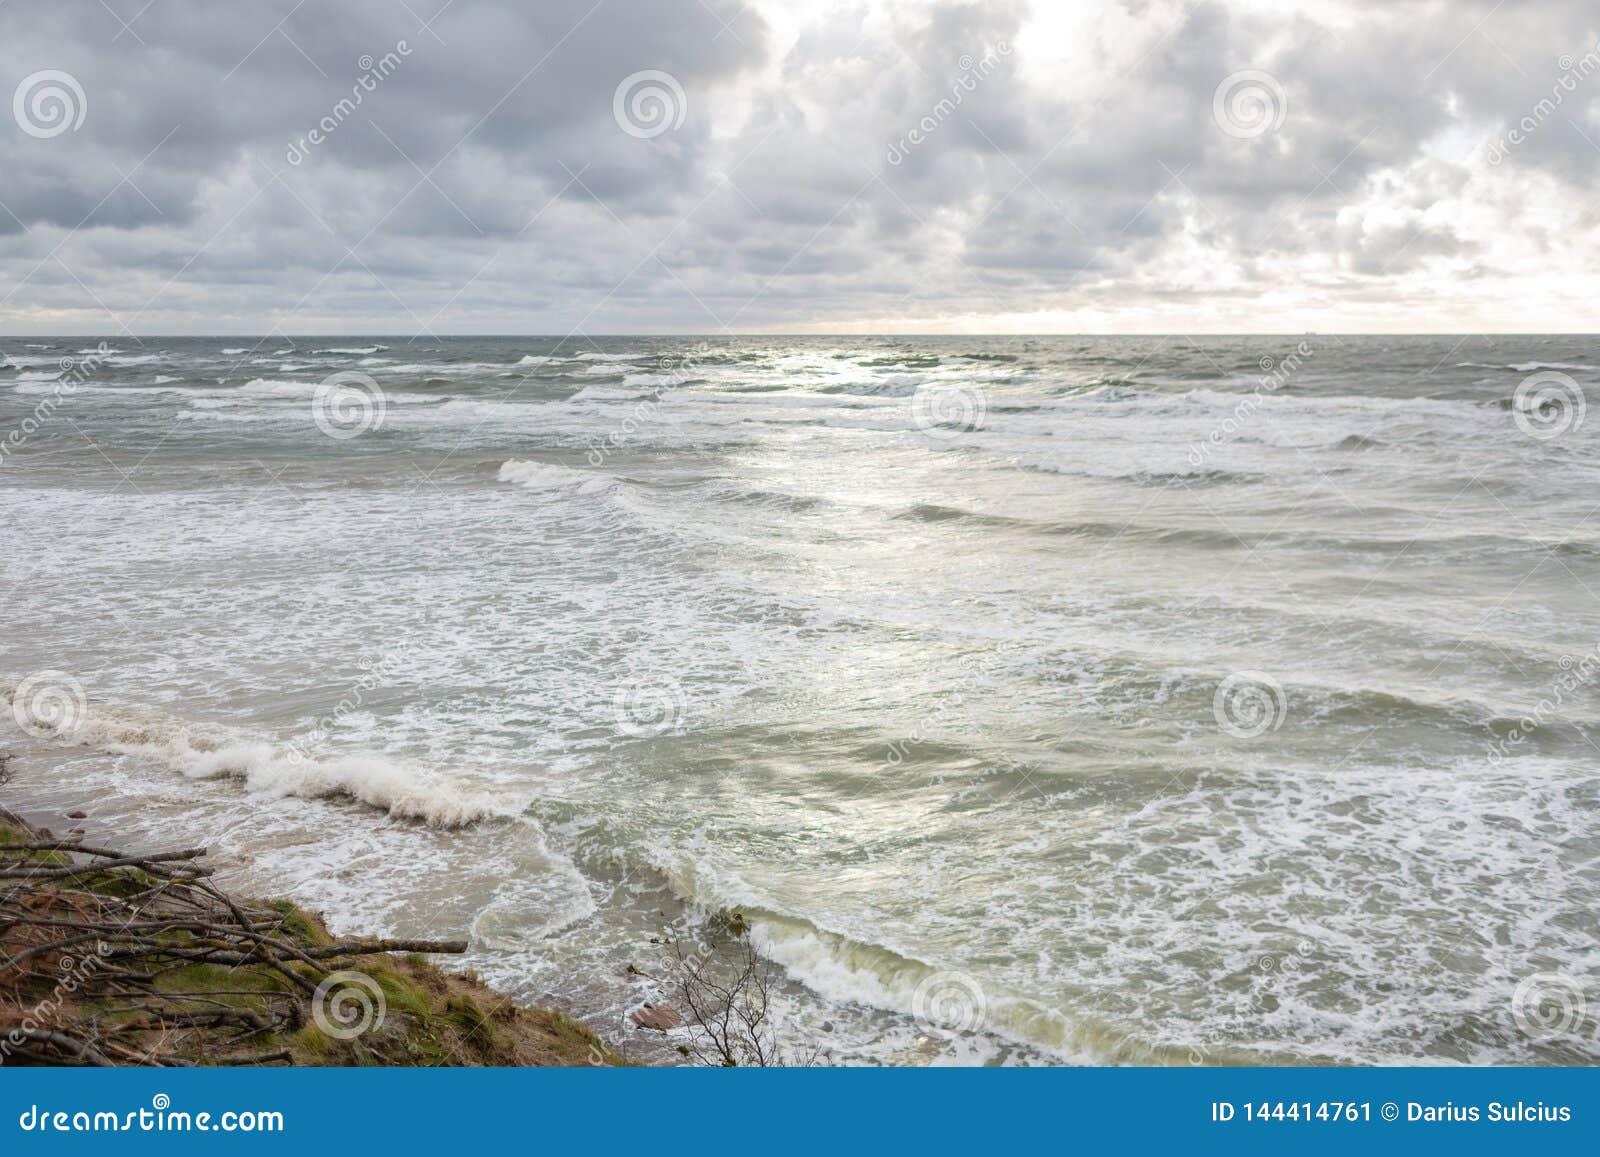 Πανοραμική άποψη της ΚΑΠ διάσημου τουριστικού Ολλανδού αξιοθεάτου στο περιφερειακό πάρκο παραλιών της Λιθουανίας κοντά σε Karkle,